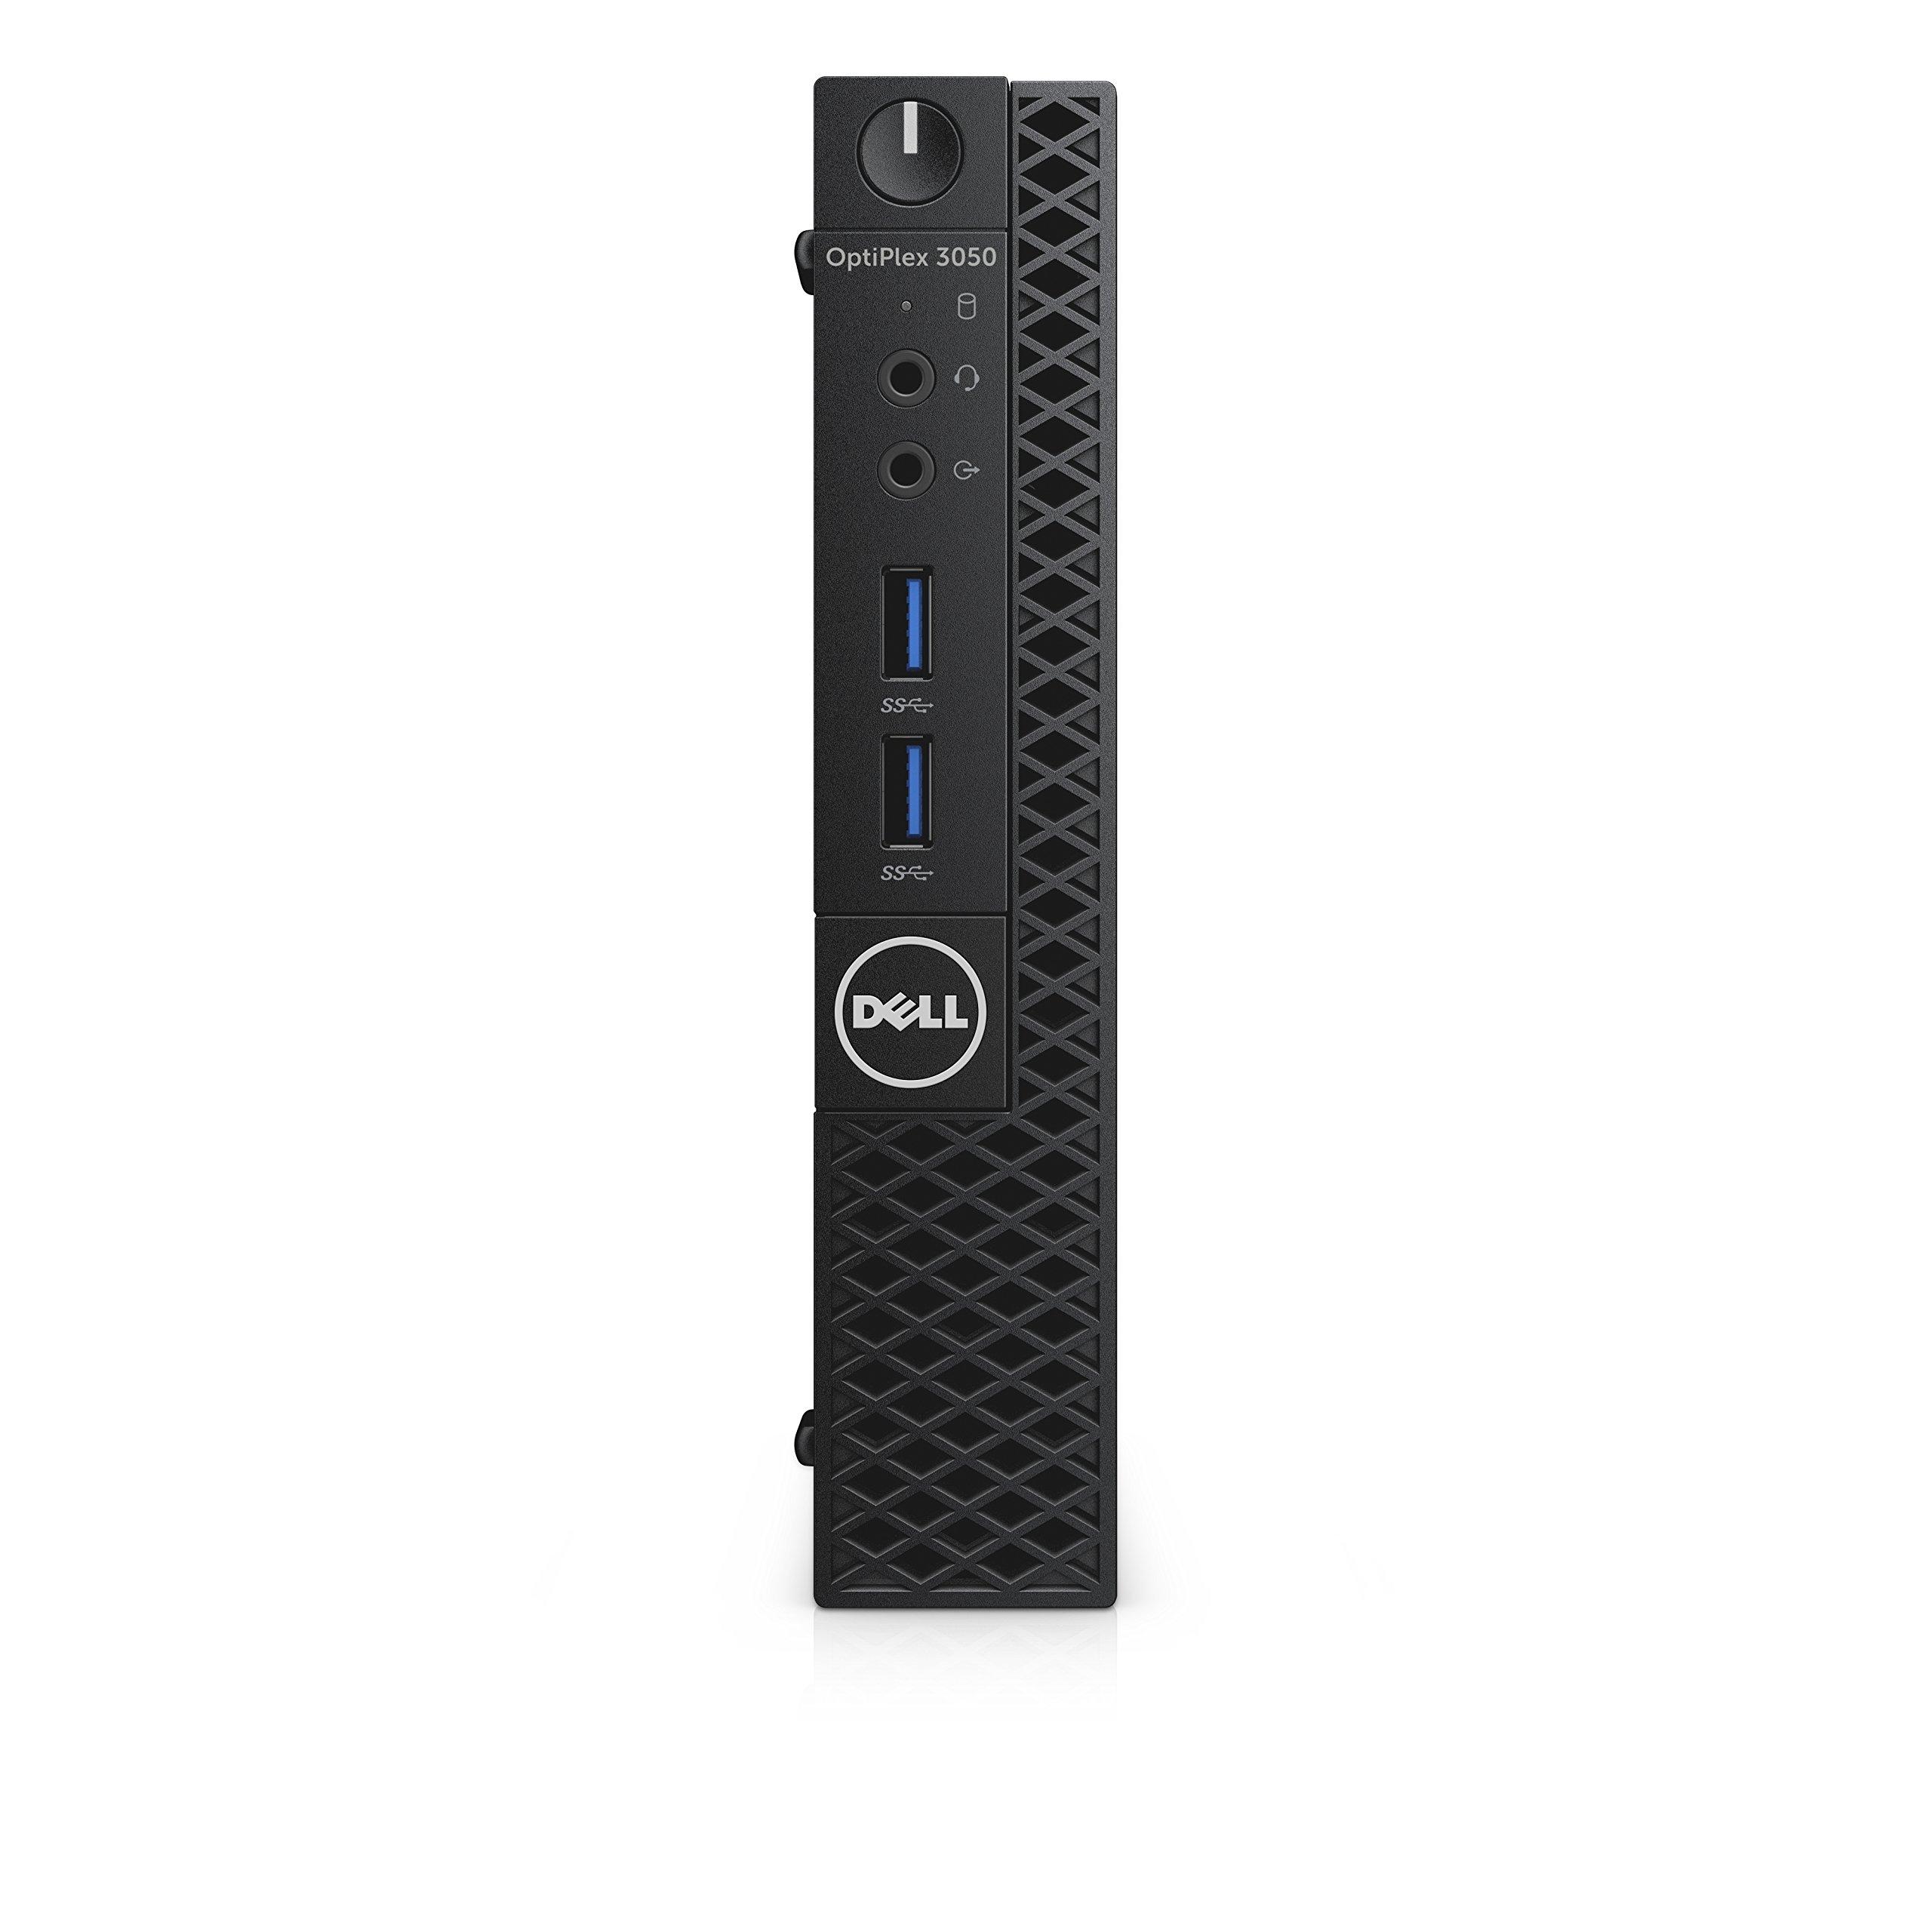 Dell CFC5C OptiPlex 3050 Micro Form Factor Desktop Computer, Intel Core i5-7500T, 8GB DDR4, 256GB Solid State Drive, Windows 10 Pro by Dell